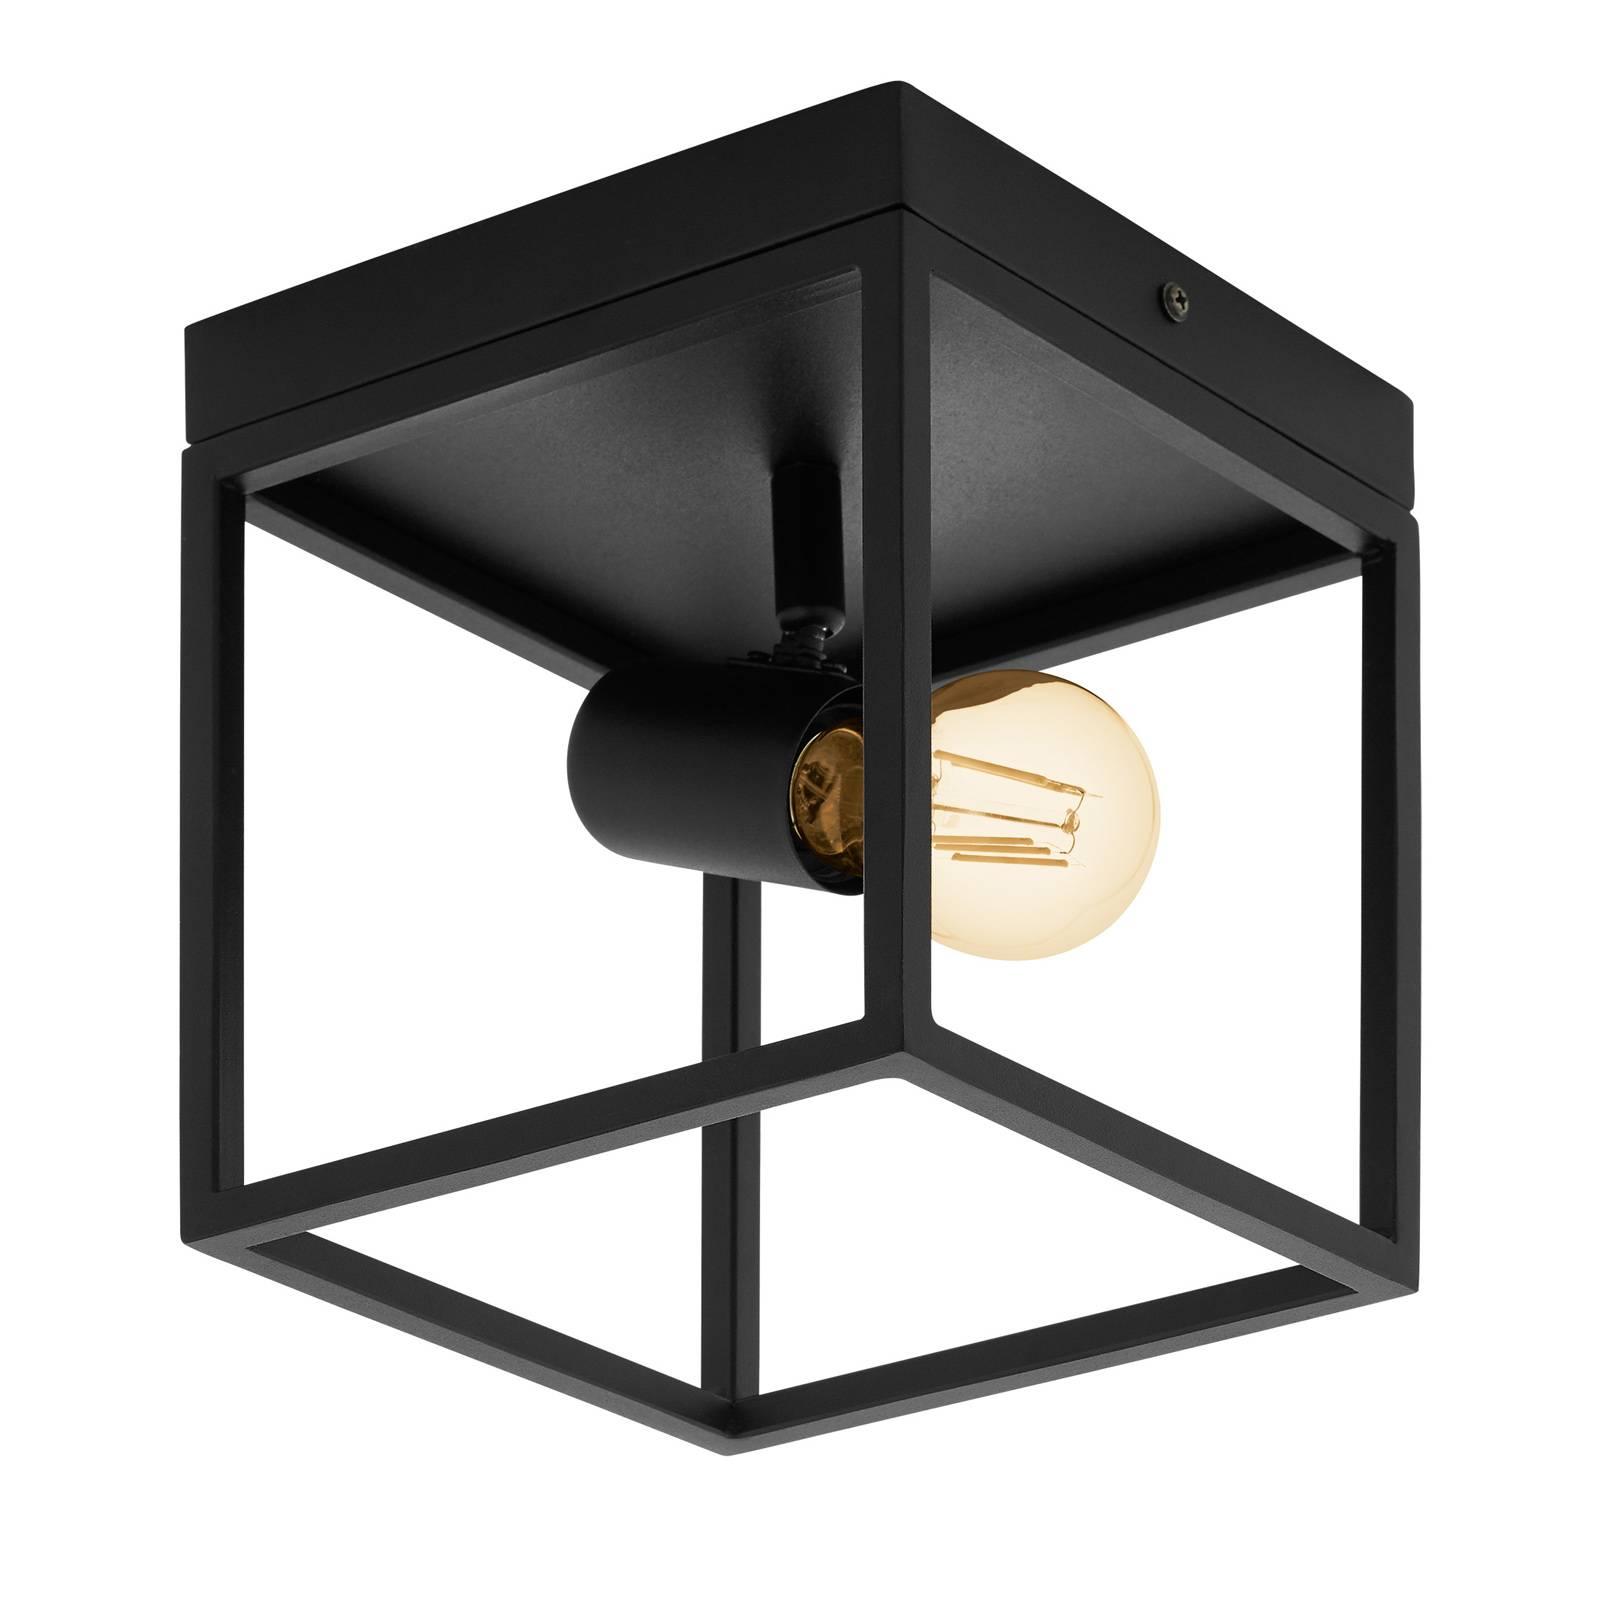 Kattovalaisin Silentina, 1-lamppuinen, 18 x 18 cm